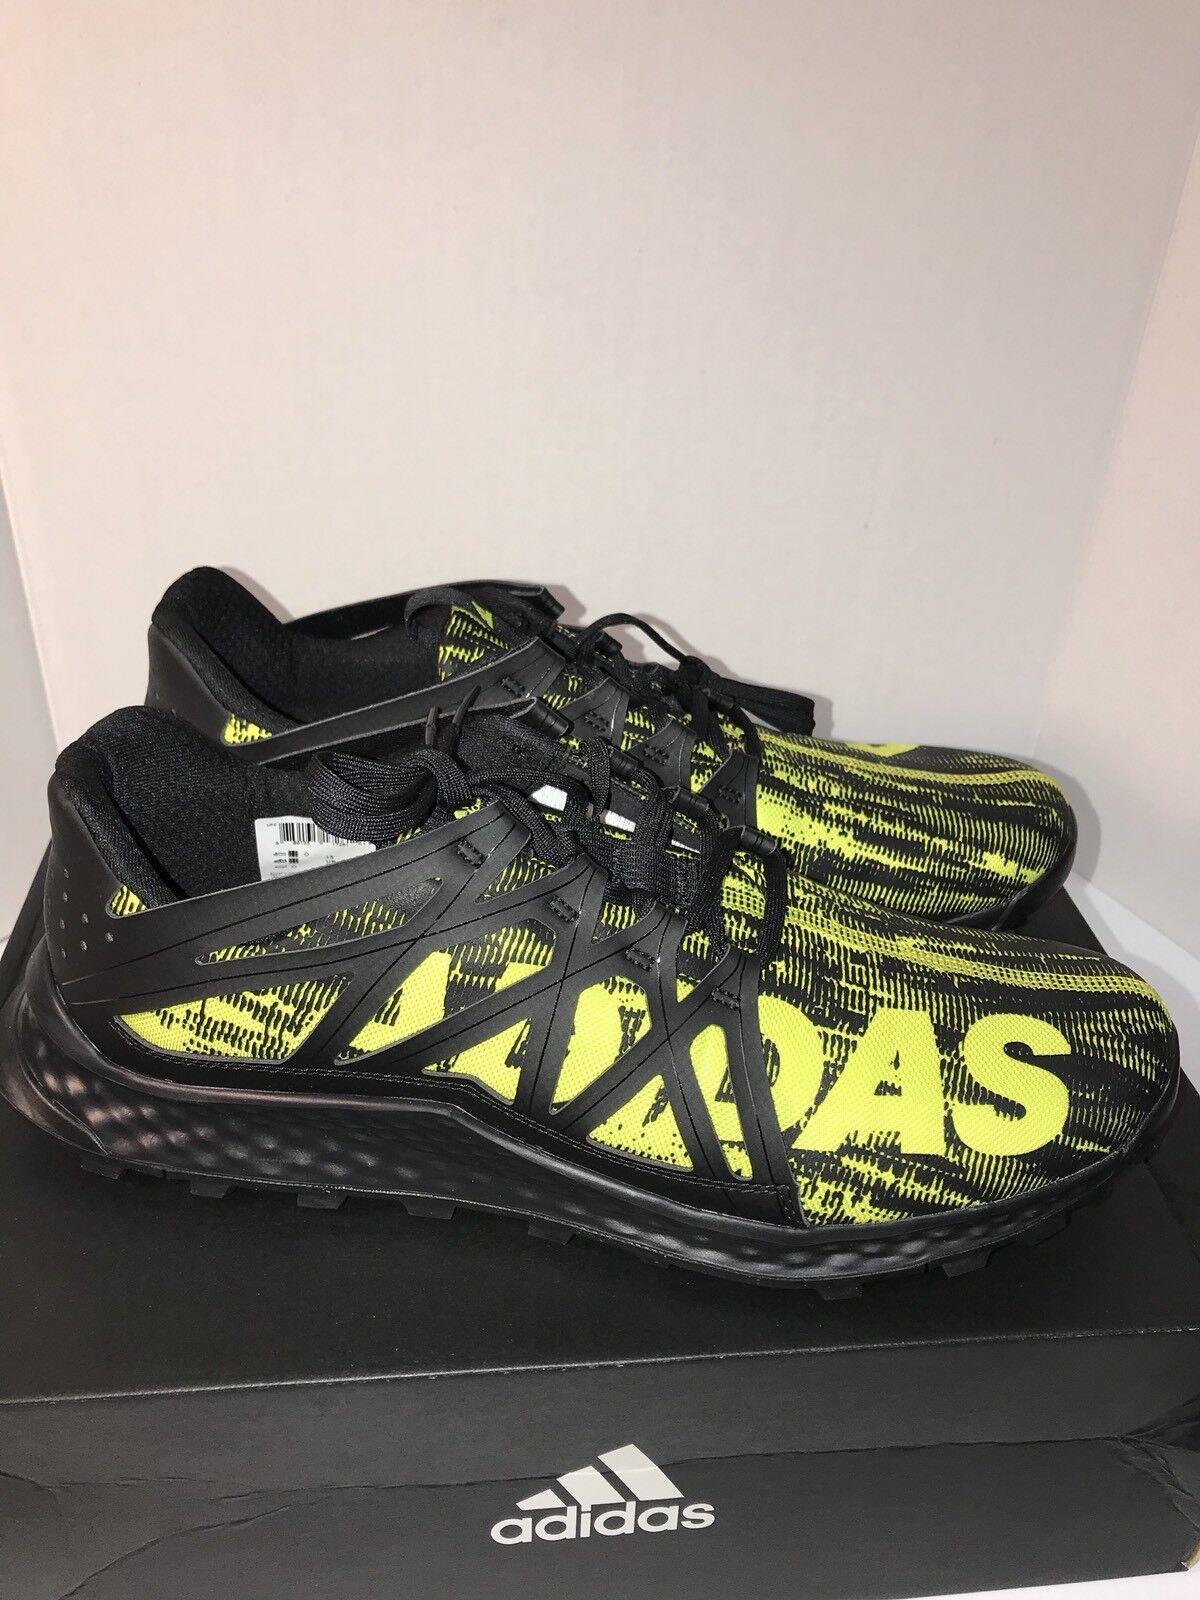 Adidas Men's Vigor Bounce M Trail Runner Black Shock Slime Black 13 D(M) US New